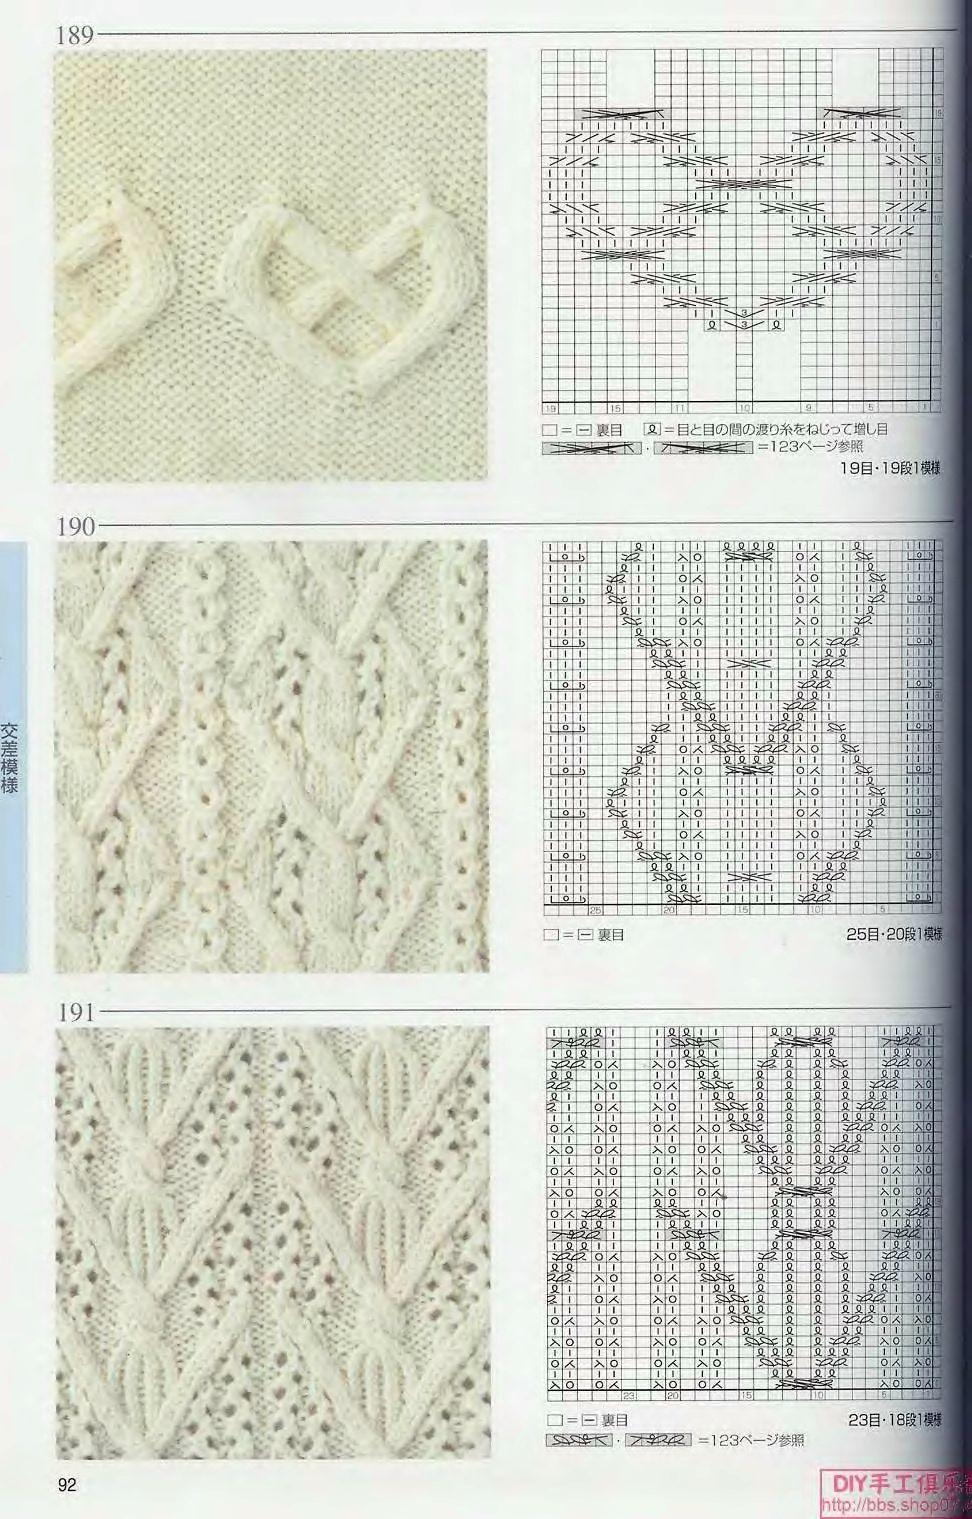 Pin de Sibijaka en Knitting Patterns | Pinterest | Tejido y Puntos